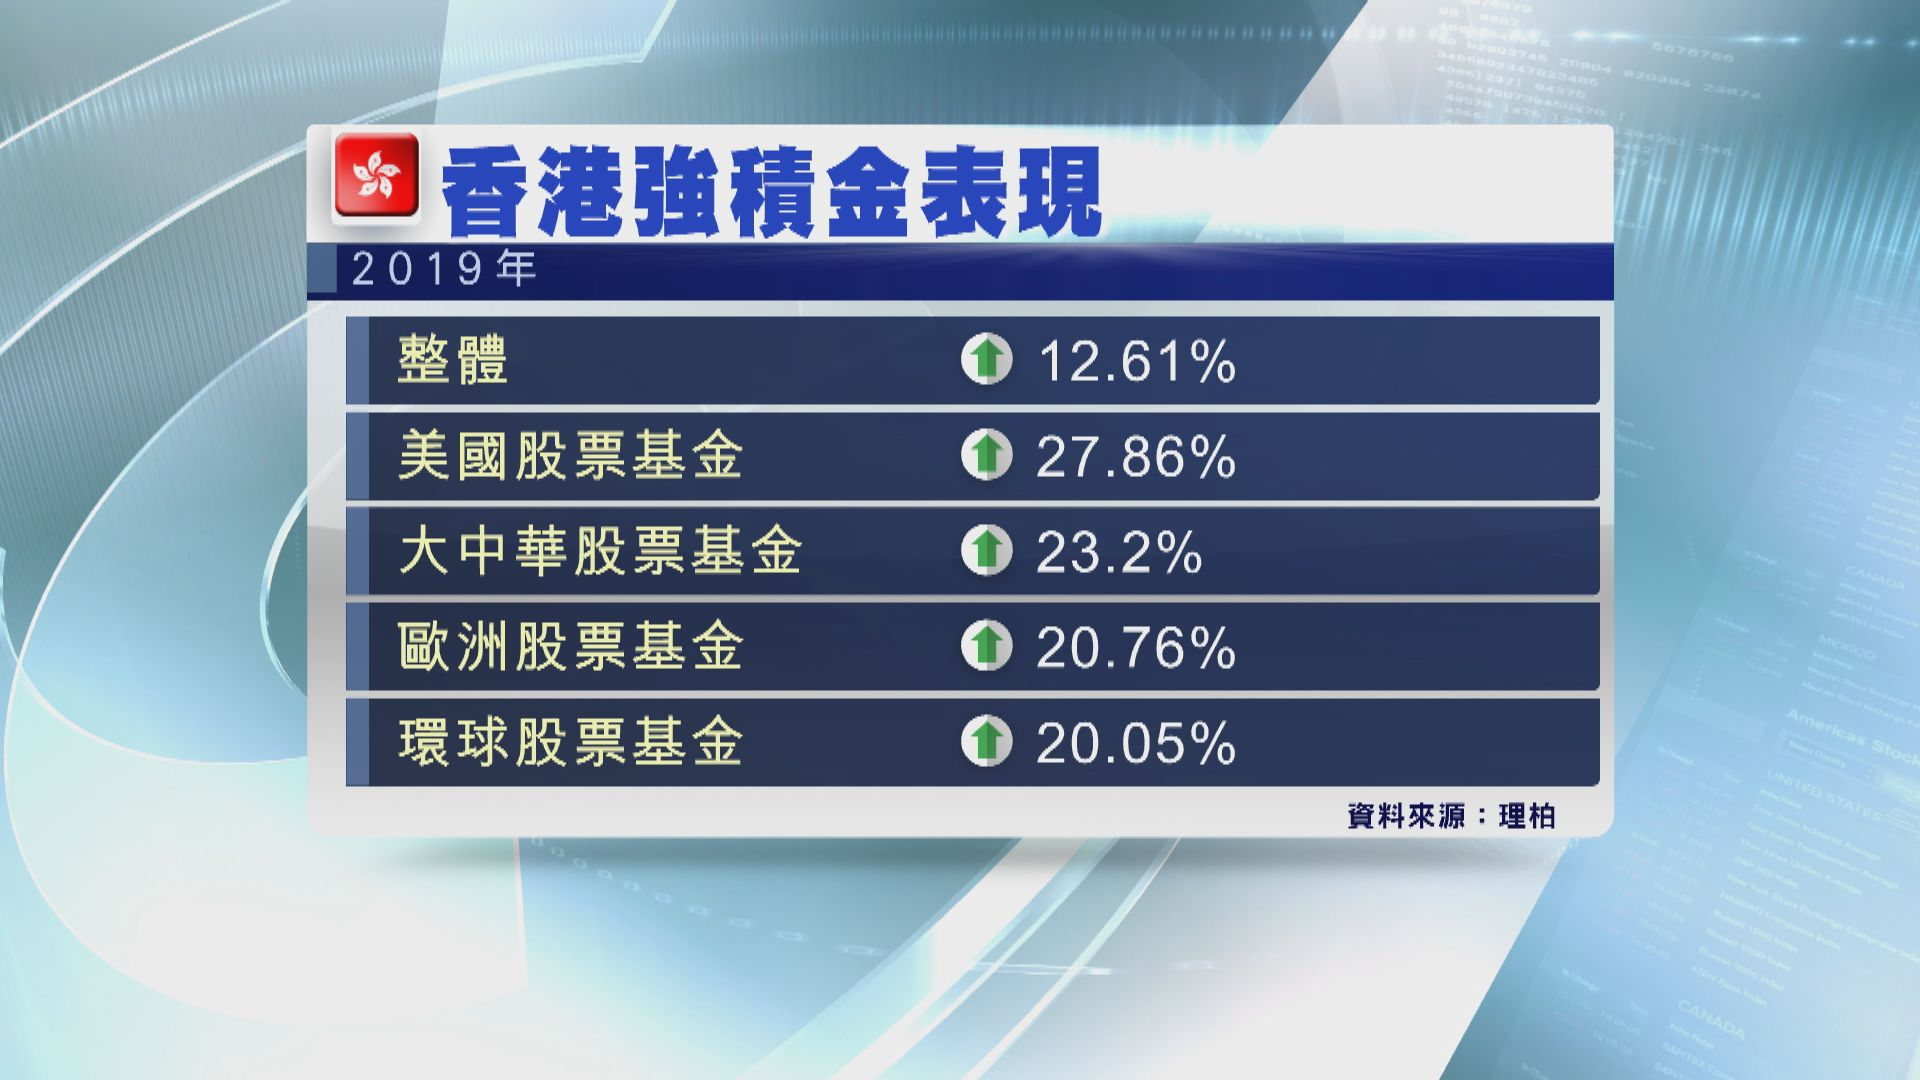 【扭轉虧損】去年整體強積金賺逾12% 美股基金表現最好